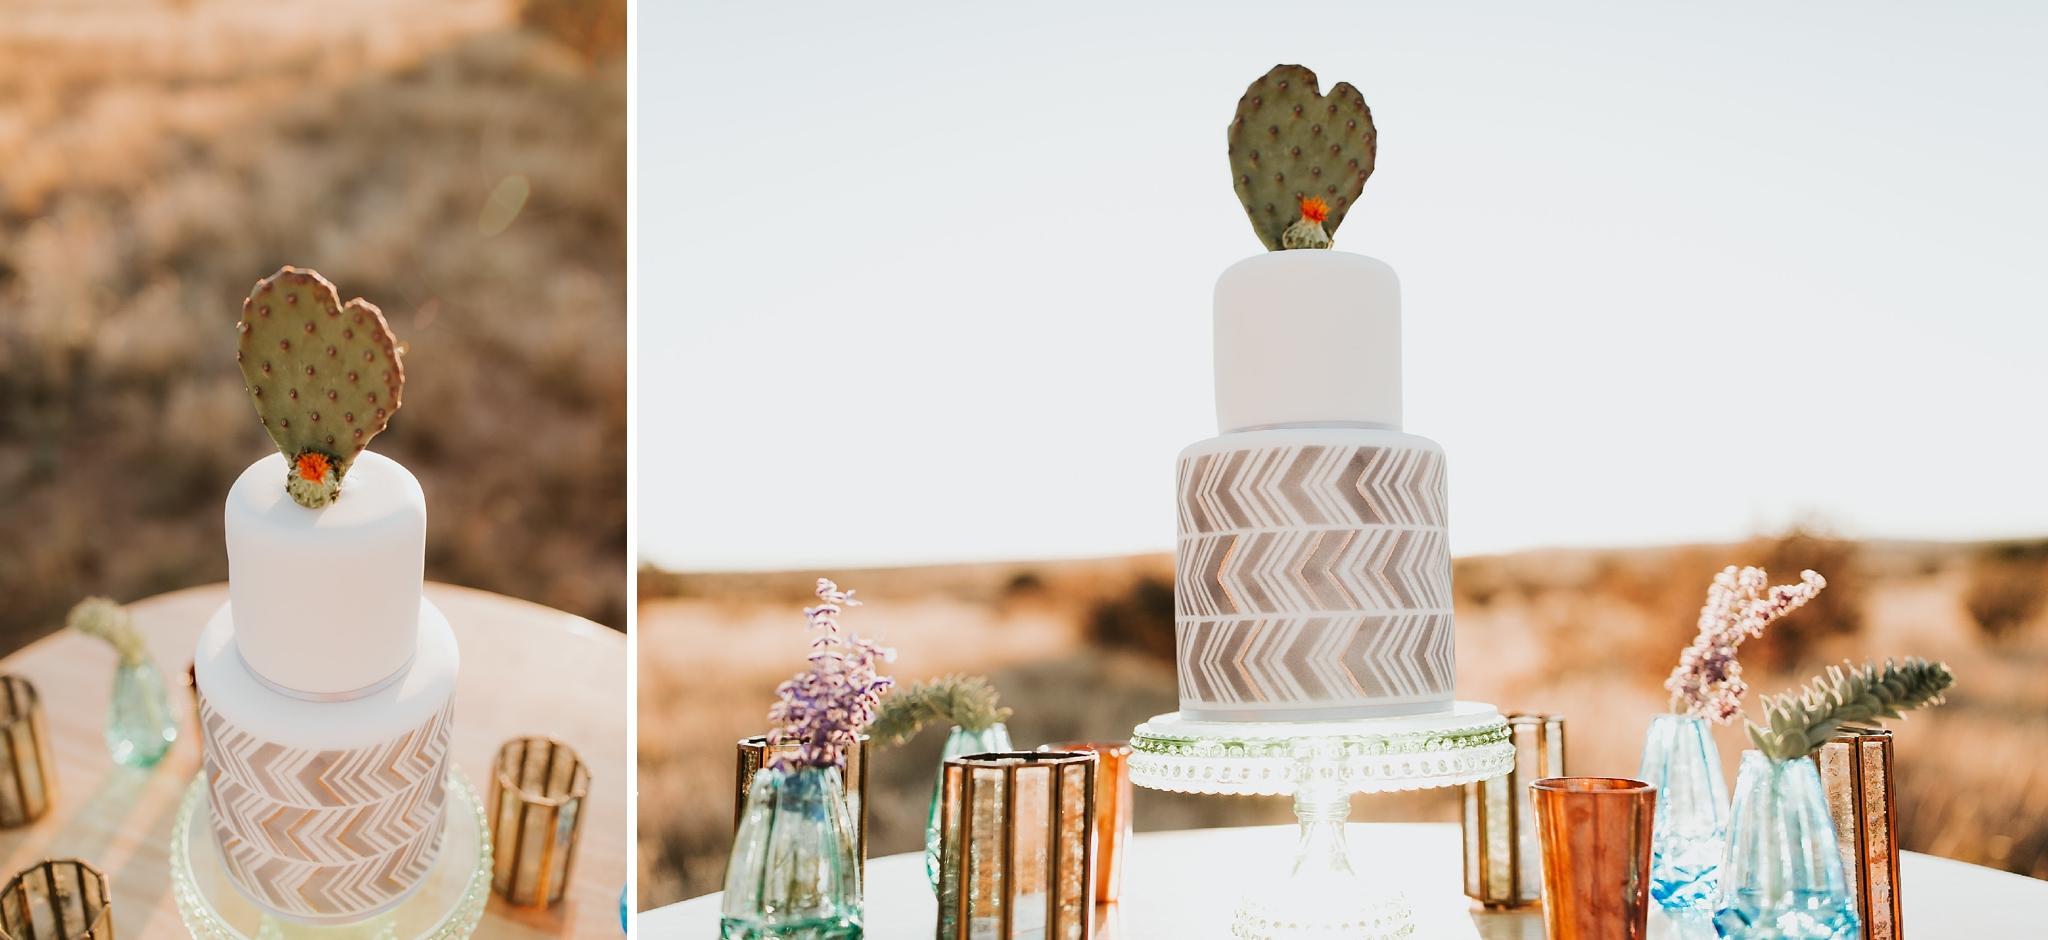 Alicia+lucia+photography+-+albuquerque+wedding+photographer+-+santa+fe+wedding+photography+-+new+mexico+wedding+photographer+-+new+mexico+wedding+-+new+mexico+wedding+-+wedding+florals+-+desert+wedding+-+wedding+trends_0080.jpg